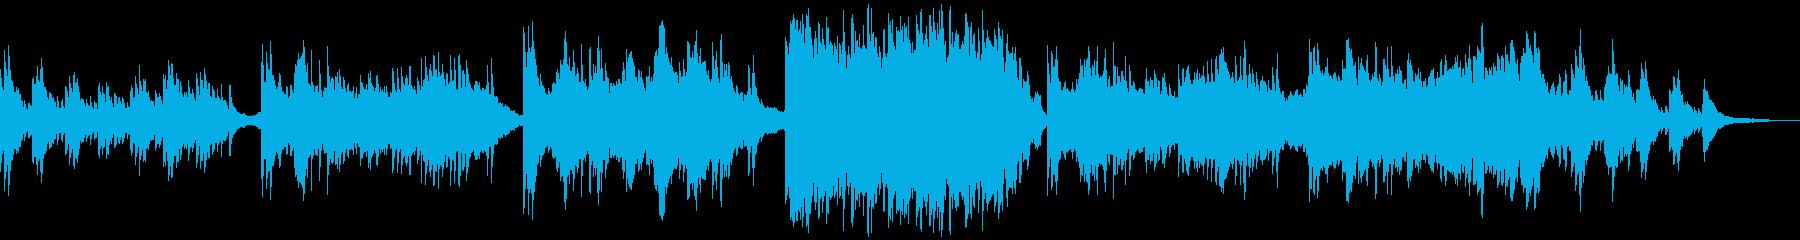 室内楽 クラシック 交響曲 モダン...の再生済みの波形